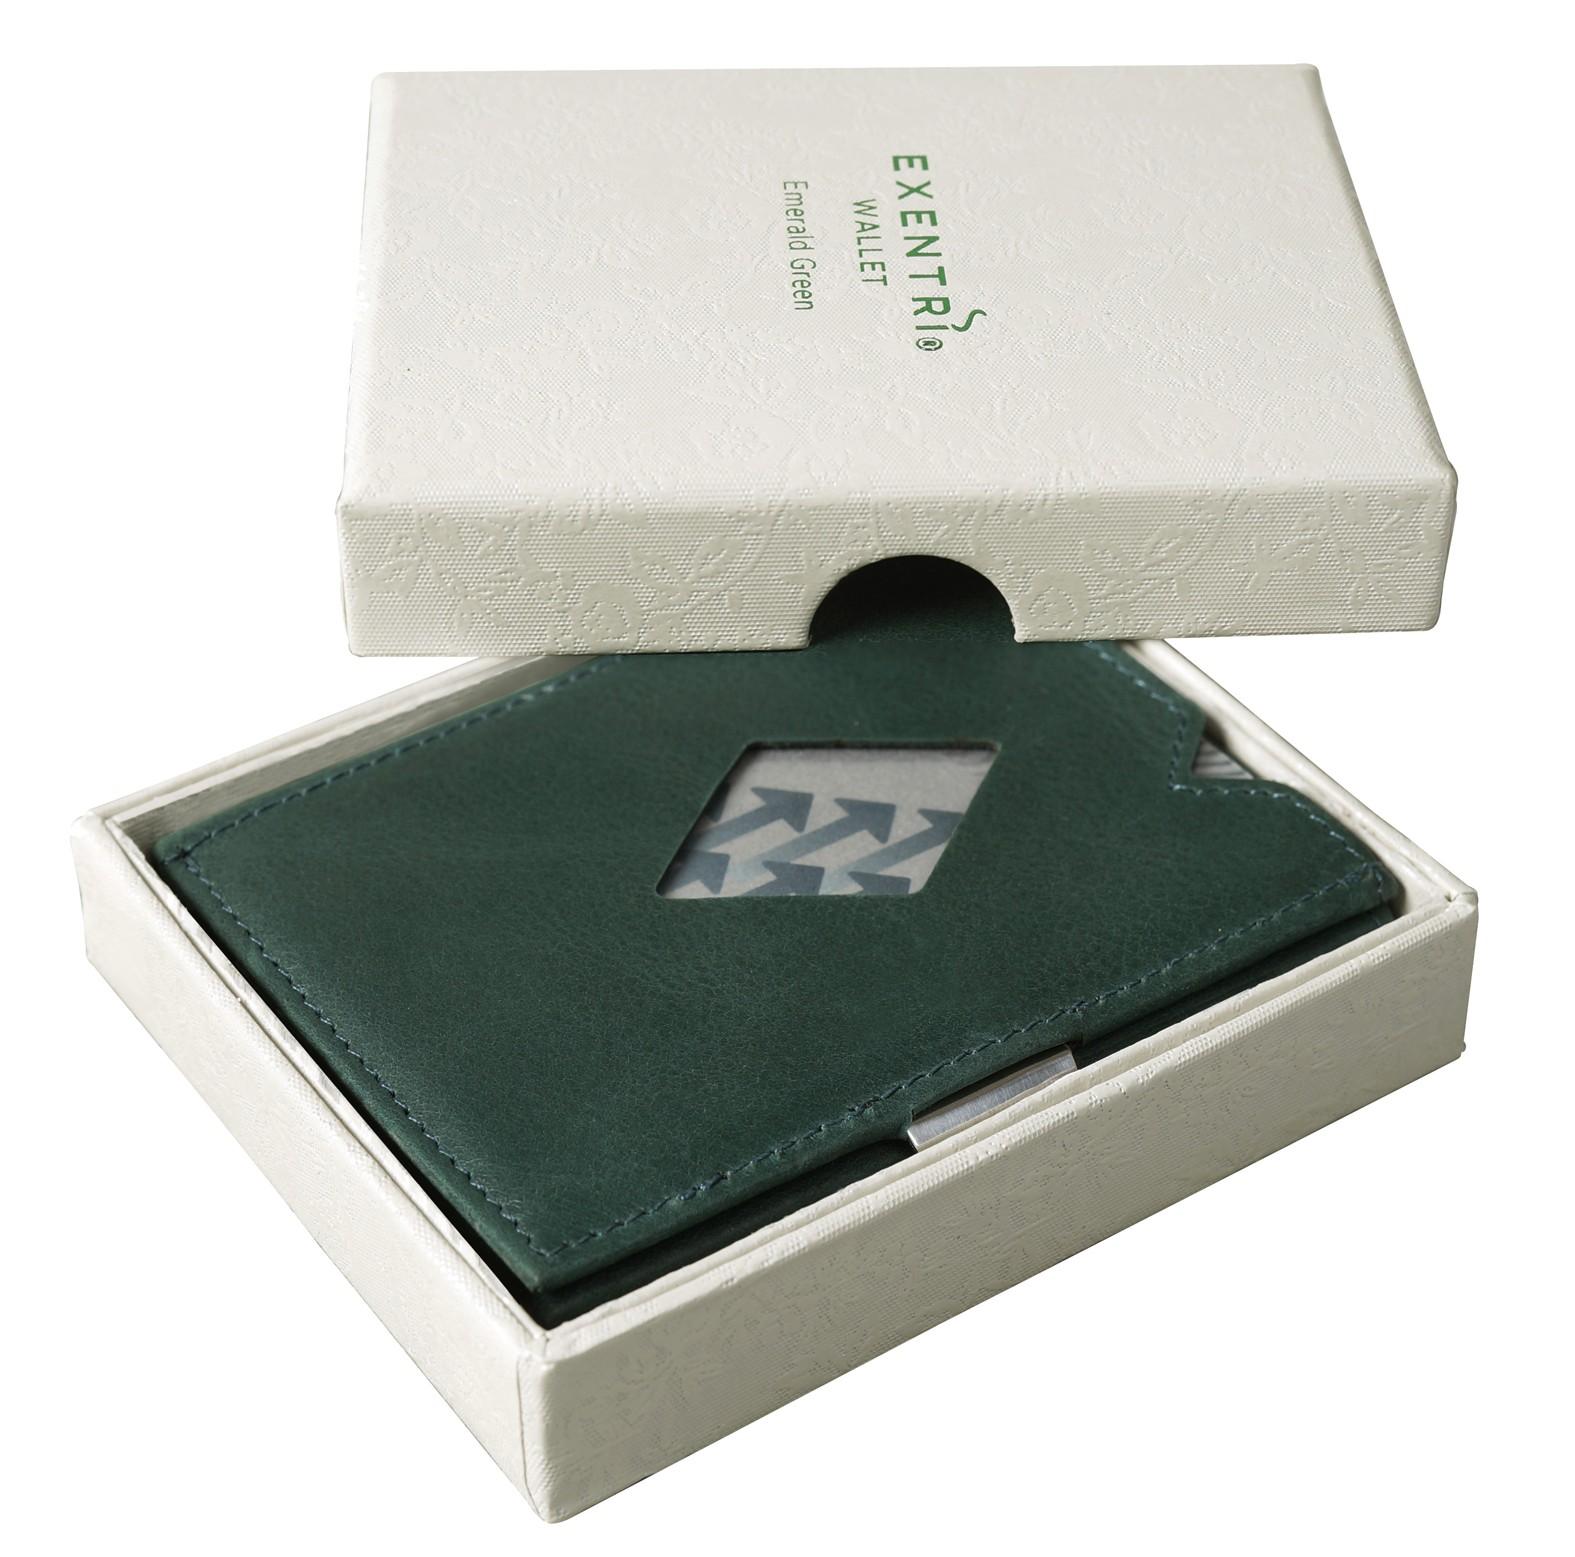 Exentri Wallet - Emerald Green - Ohne RFID Schutz